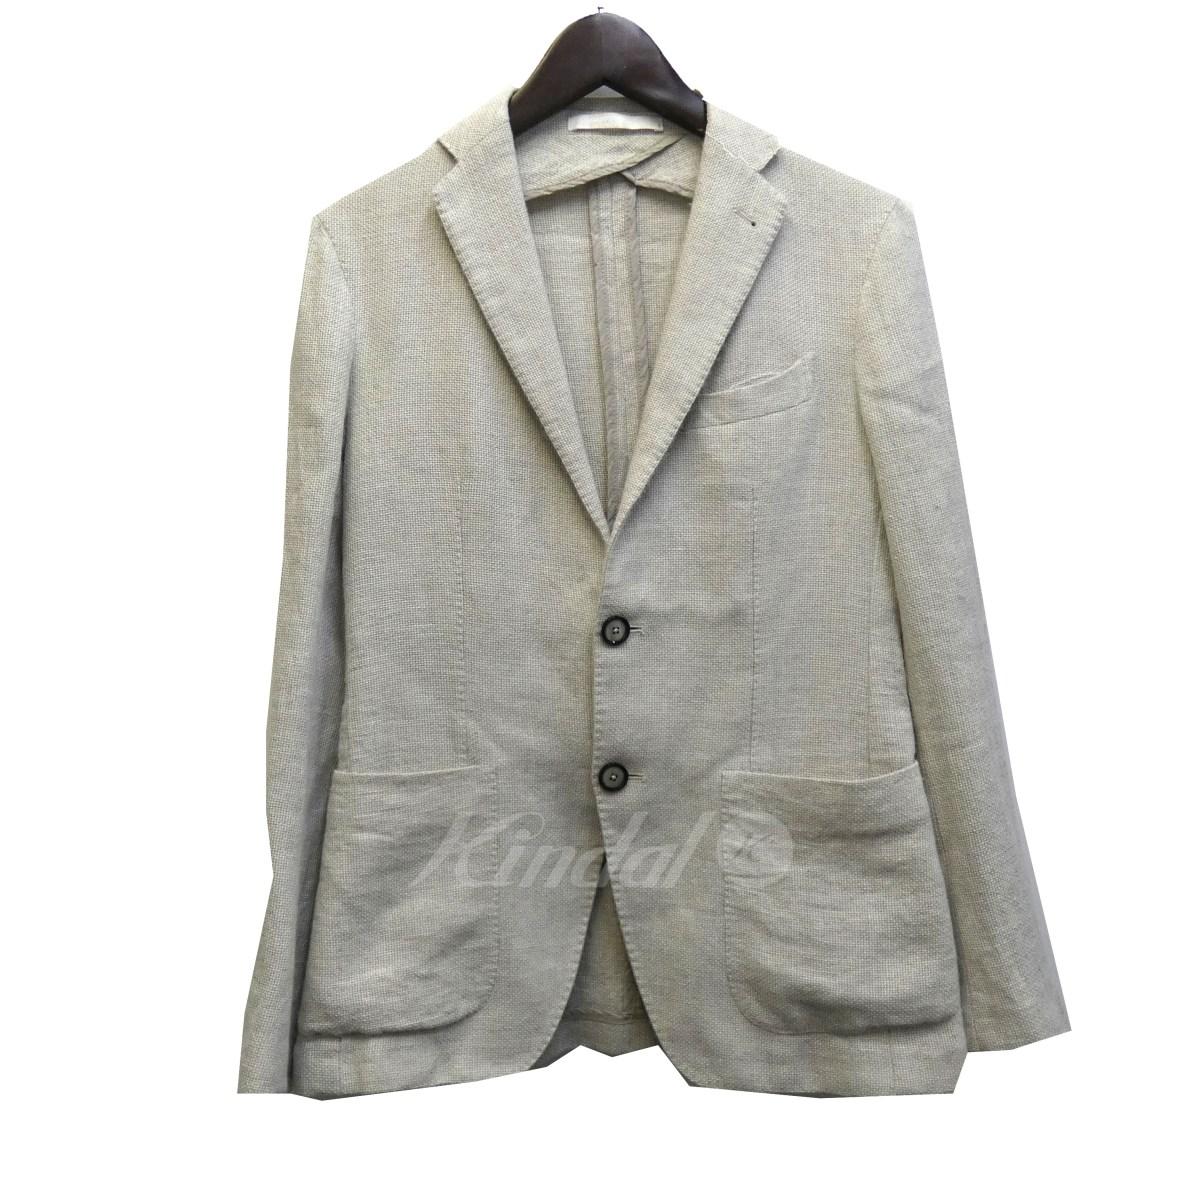 【中古】TAGLIATORE リネン混テーラードジャケット グレー サイズ:42 【送料無料】 【130219】(タリアトーレ)